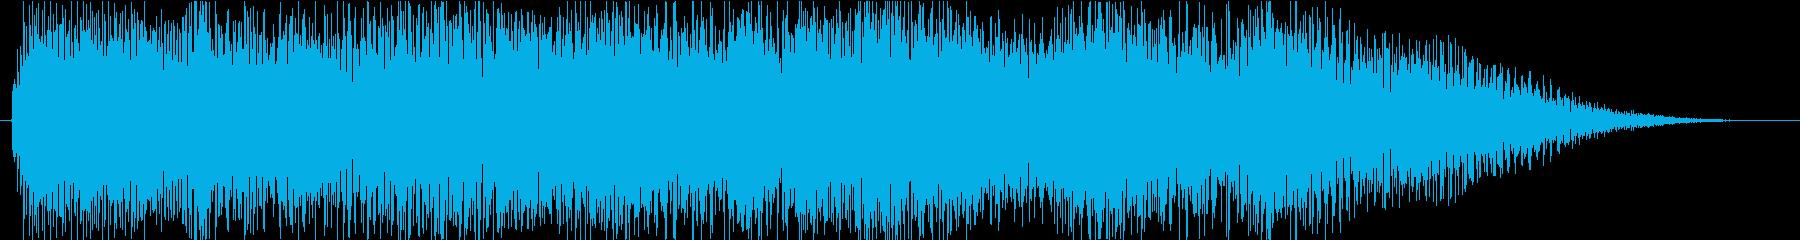 イベントクリア!の再生済みの波形